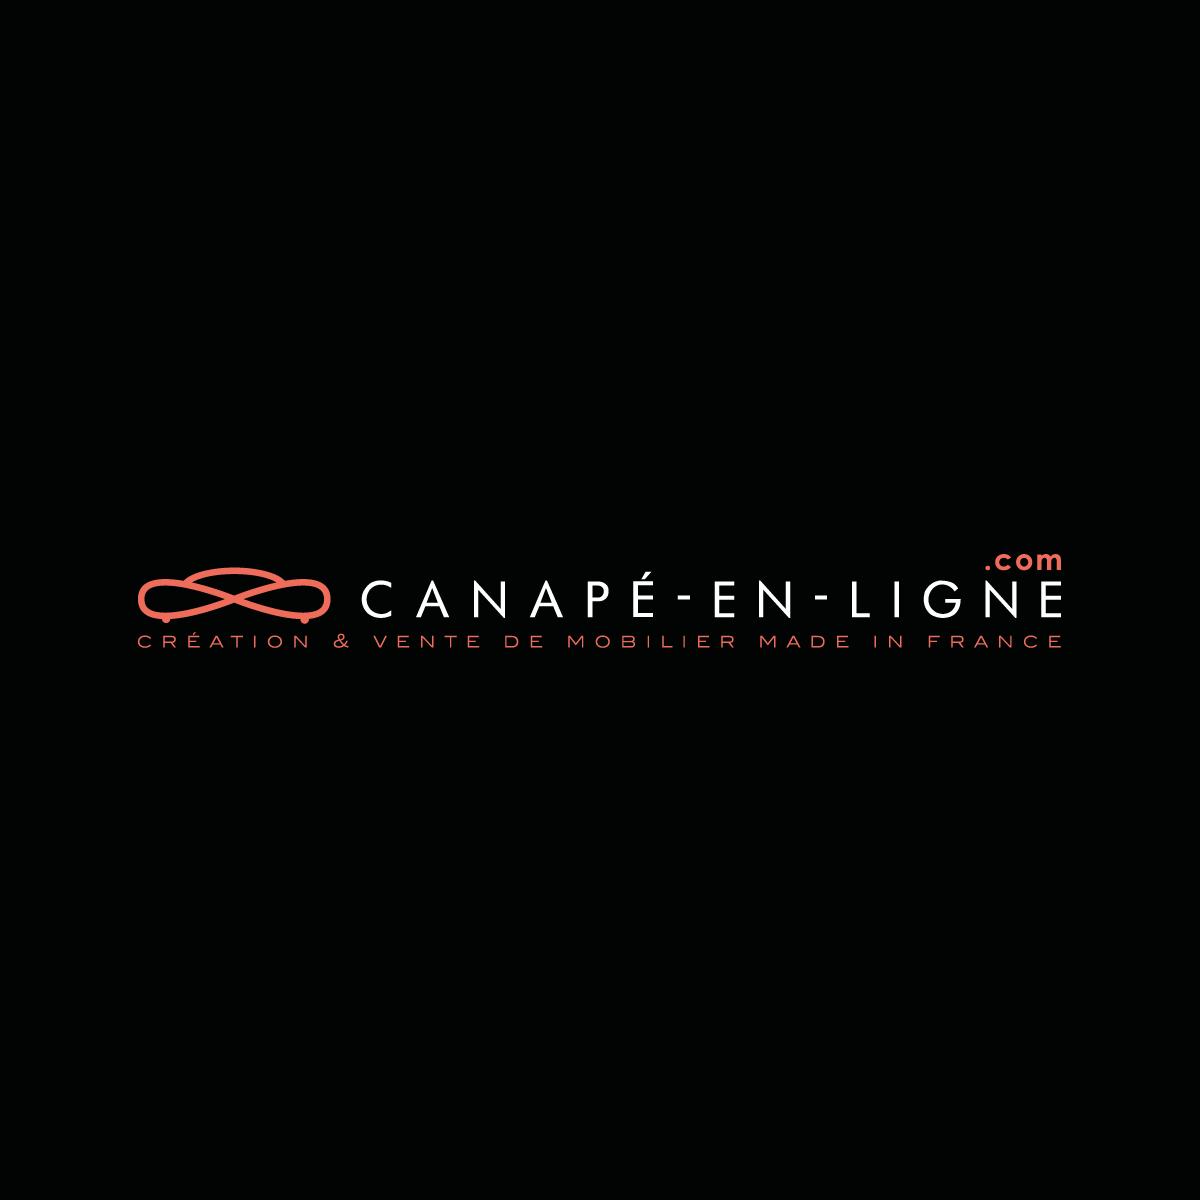 Canap en ligne r flexible communication for Commander canape en ligne